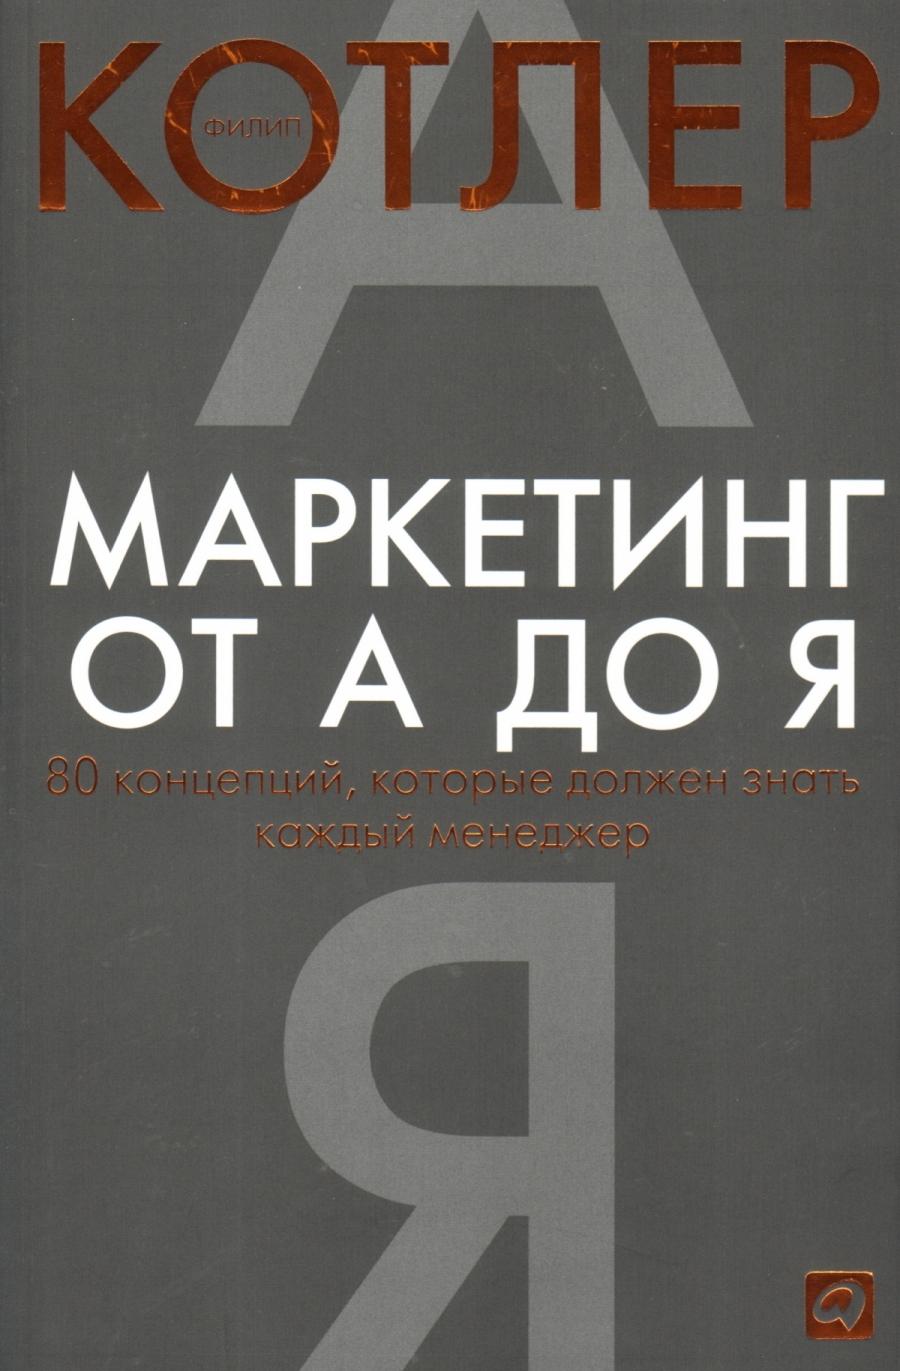 Обложка книги:  филип котлер - маркетинг от а до я. 80 концепций, которые должен знать каждый менеджер